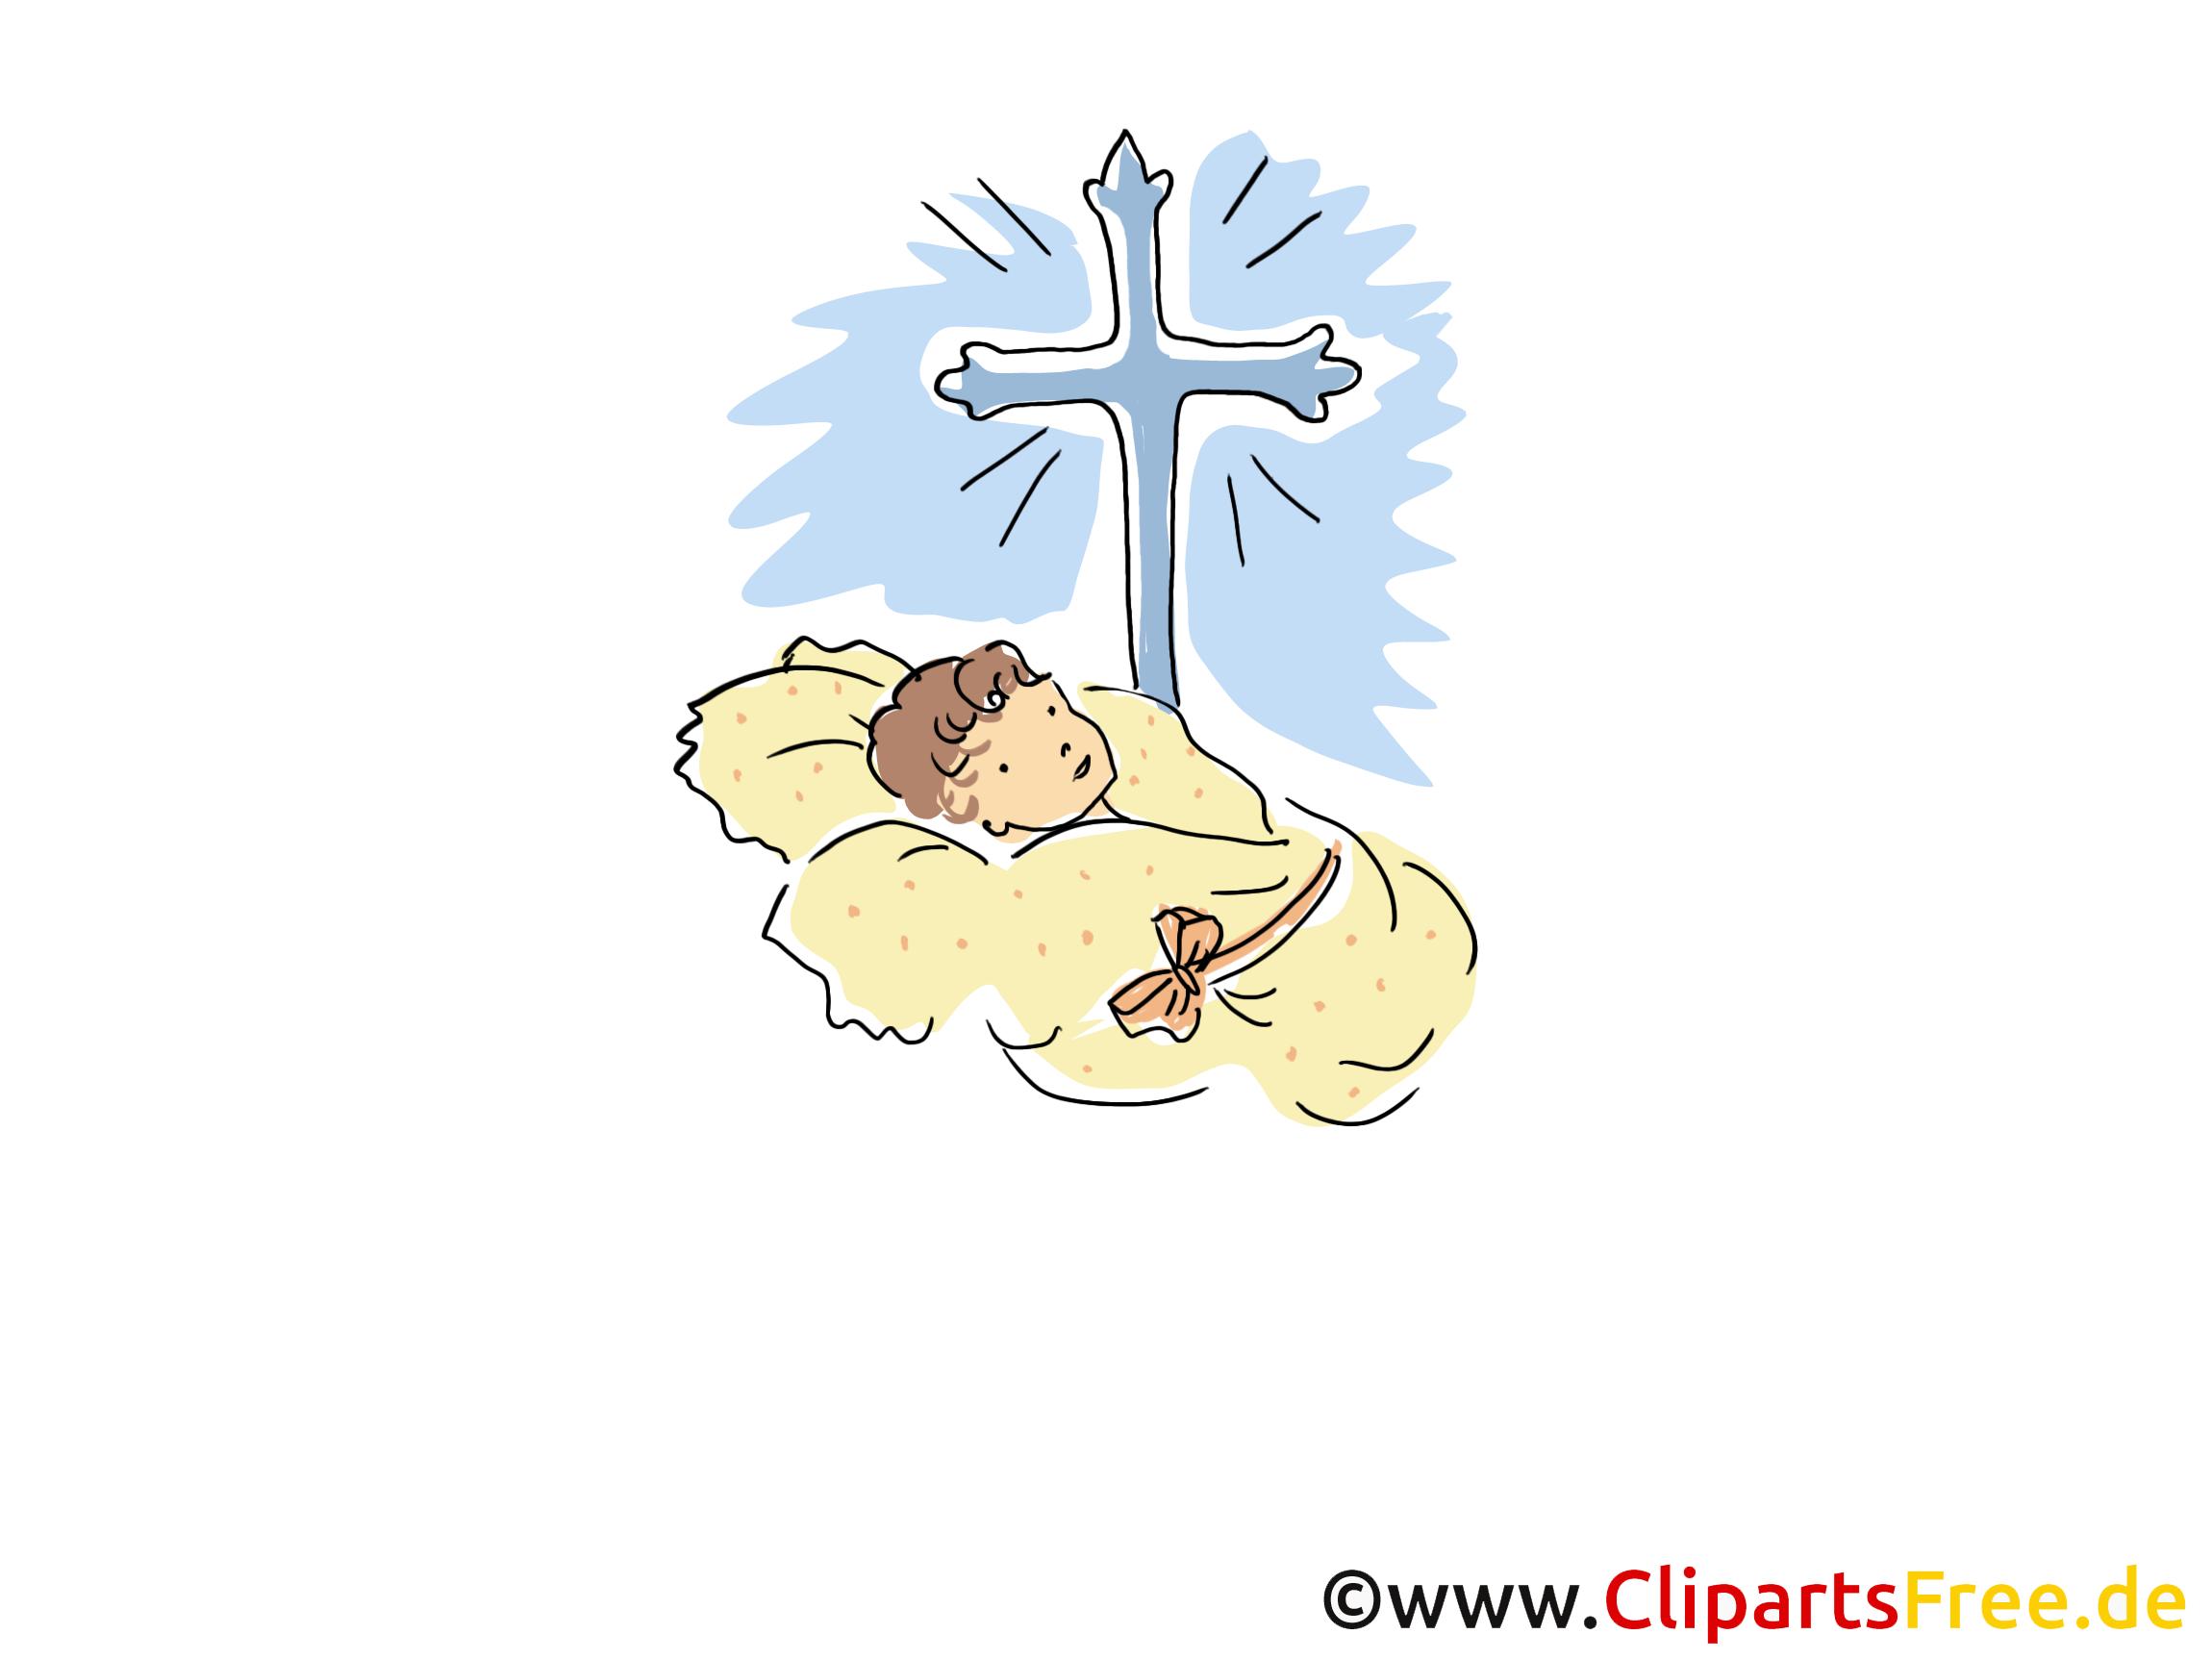 Taufe Bilder, Cliparts, Gifs, Illustrationen, Grafiken kostenlos